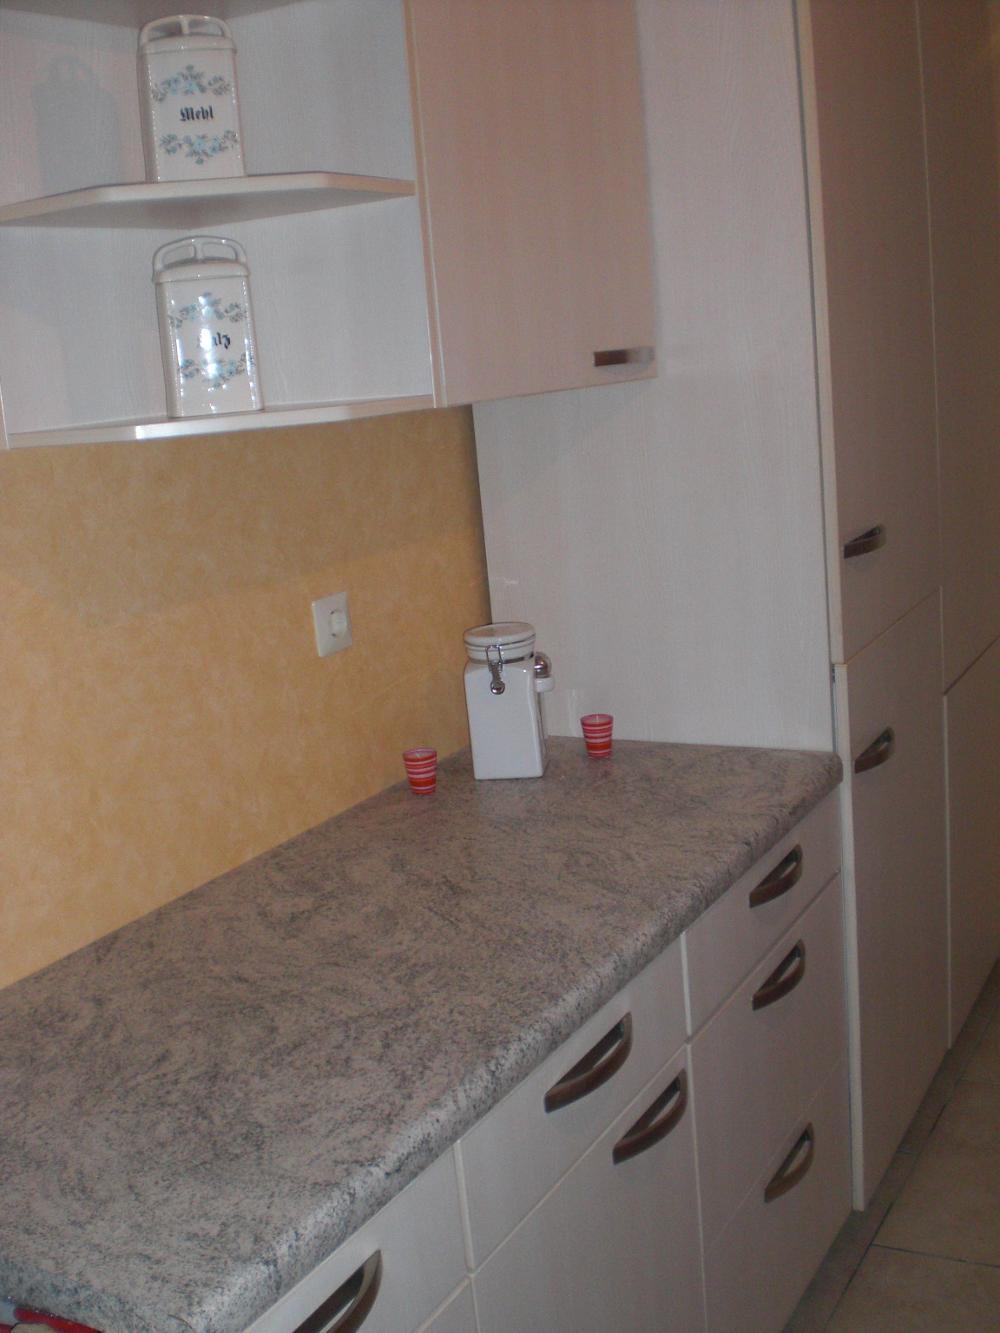 ferienhaus juechsental im thueringenland die k che. Black Bedroom Furniture Sets. Home Design Ideas